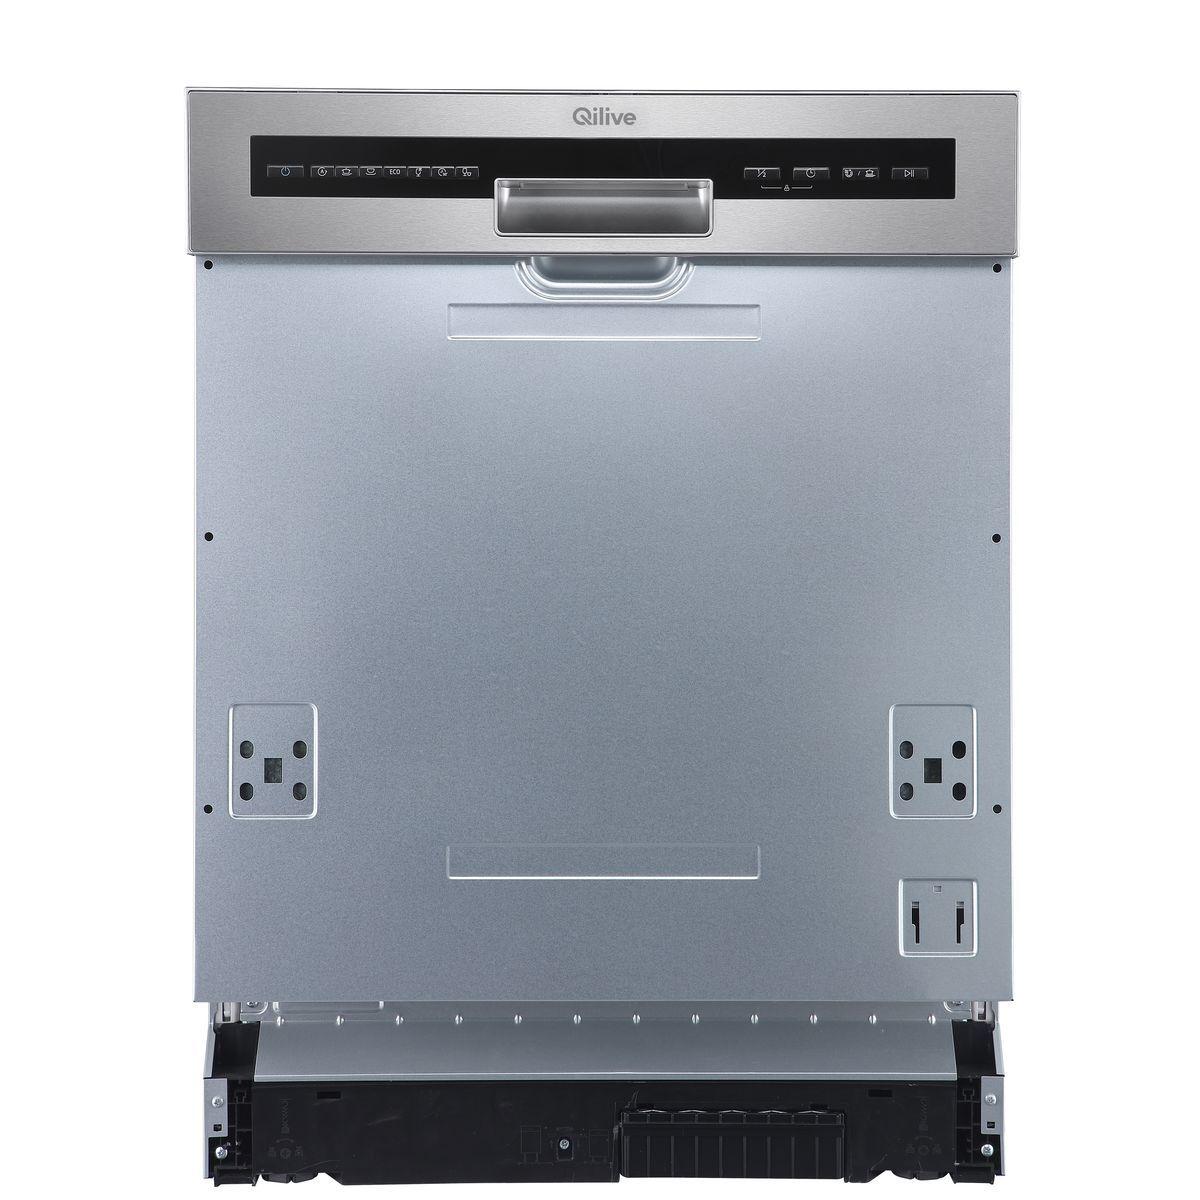 Lave vaisselle semi-encastrable 600070362, 14 couverts, 60 cm, 44 dB, 8 programmes